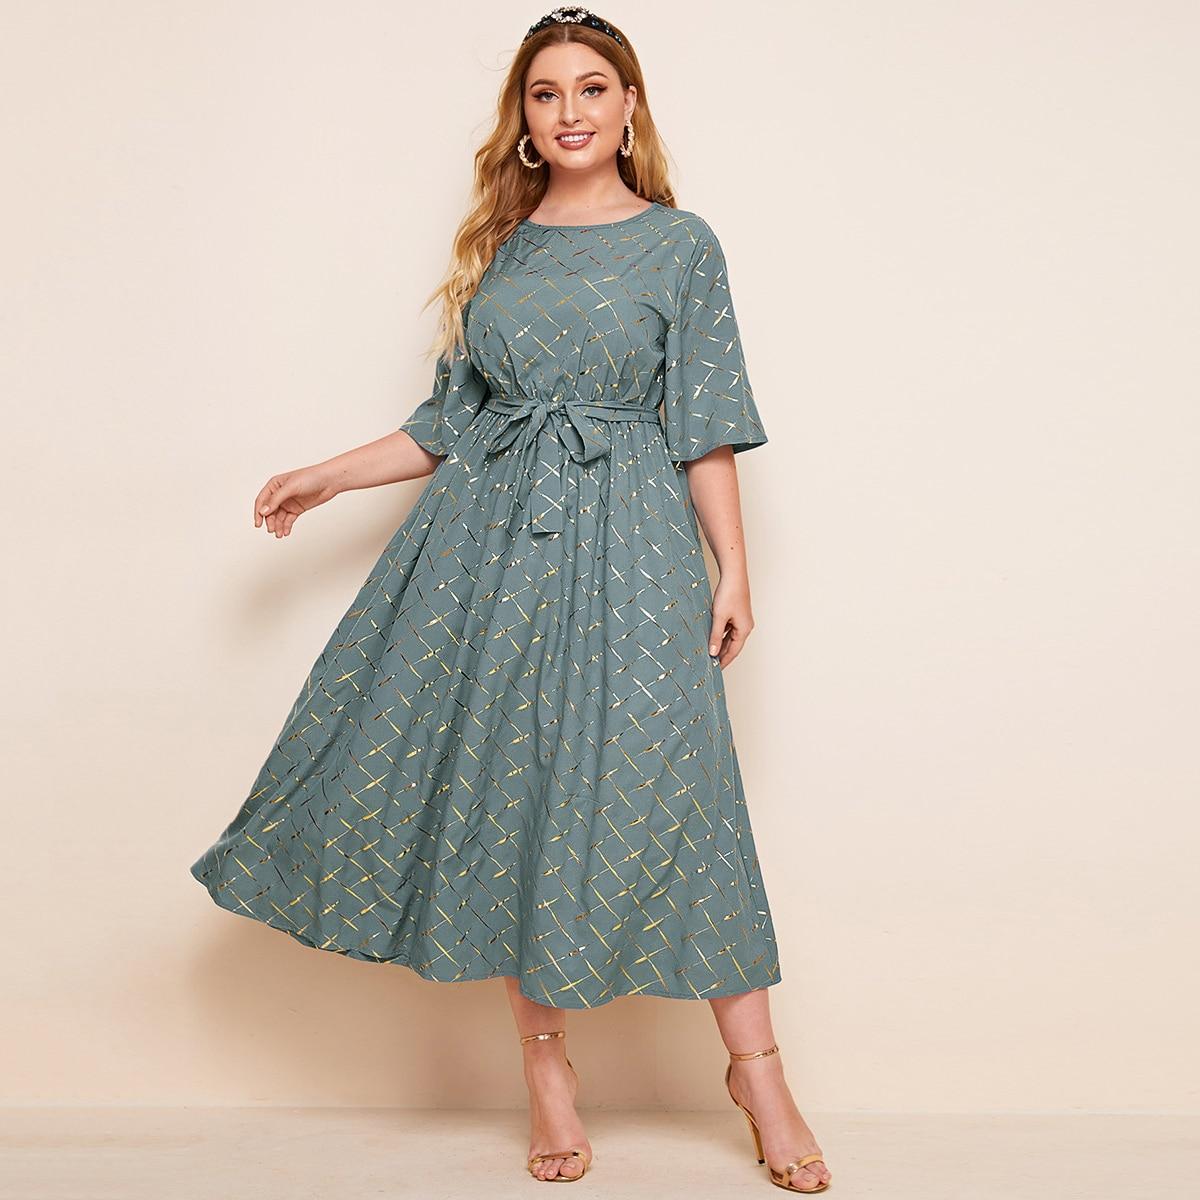 Платье размера плюс с поясом в клетку